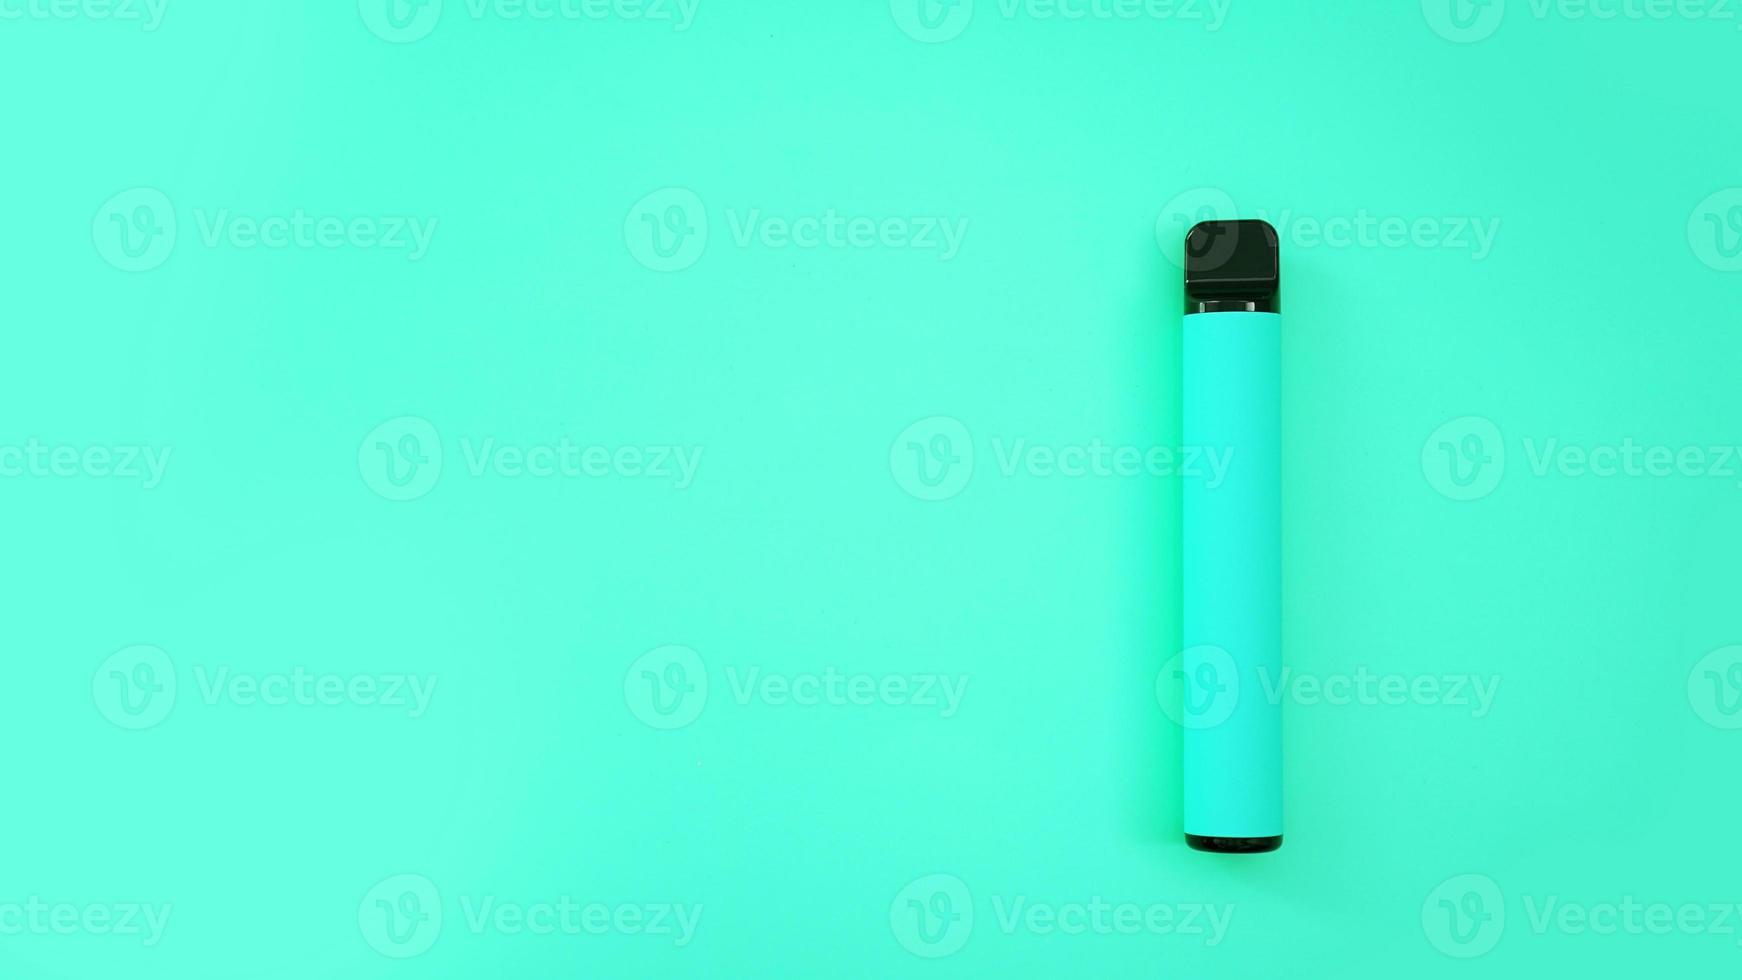 cigarro eletrônico descartável azul em fundo azul brilhante foto